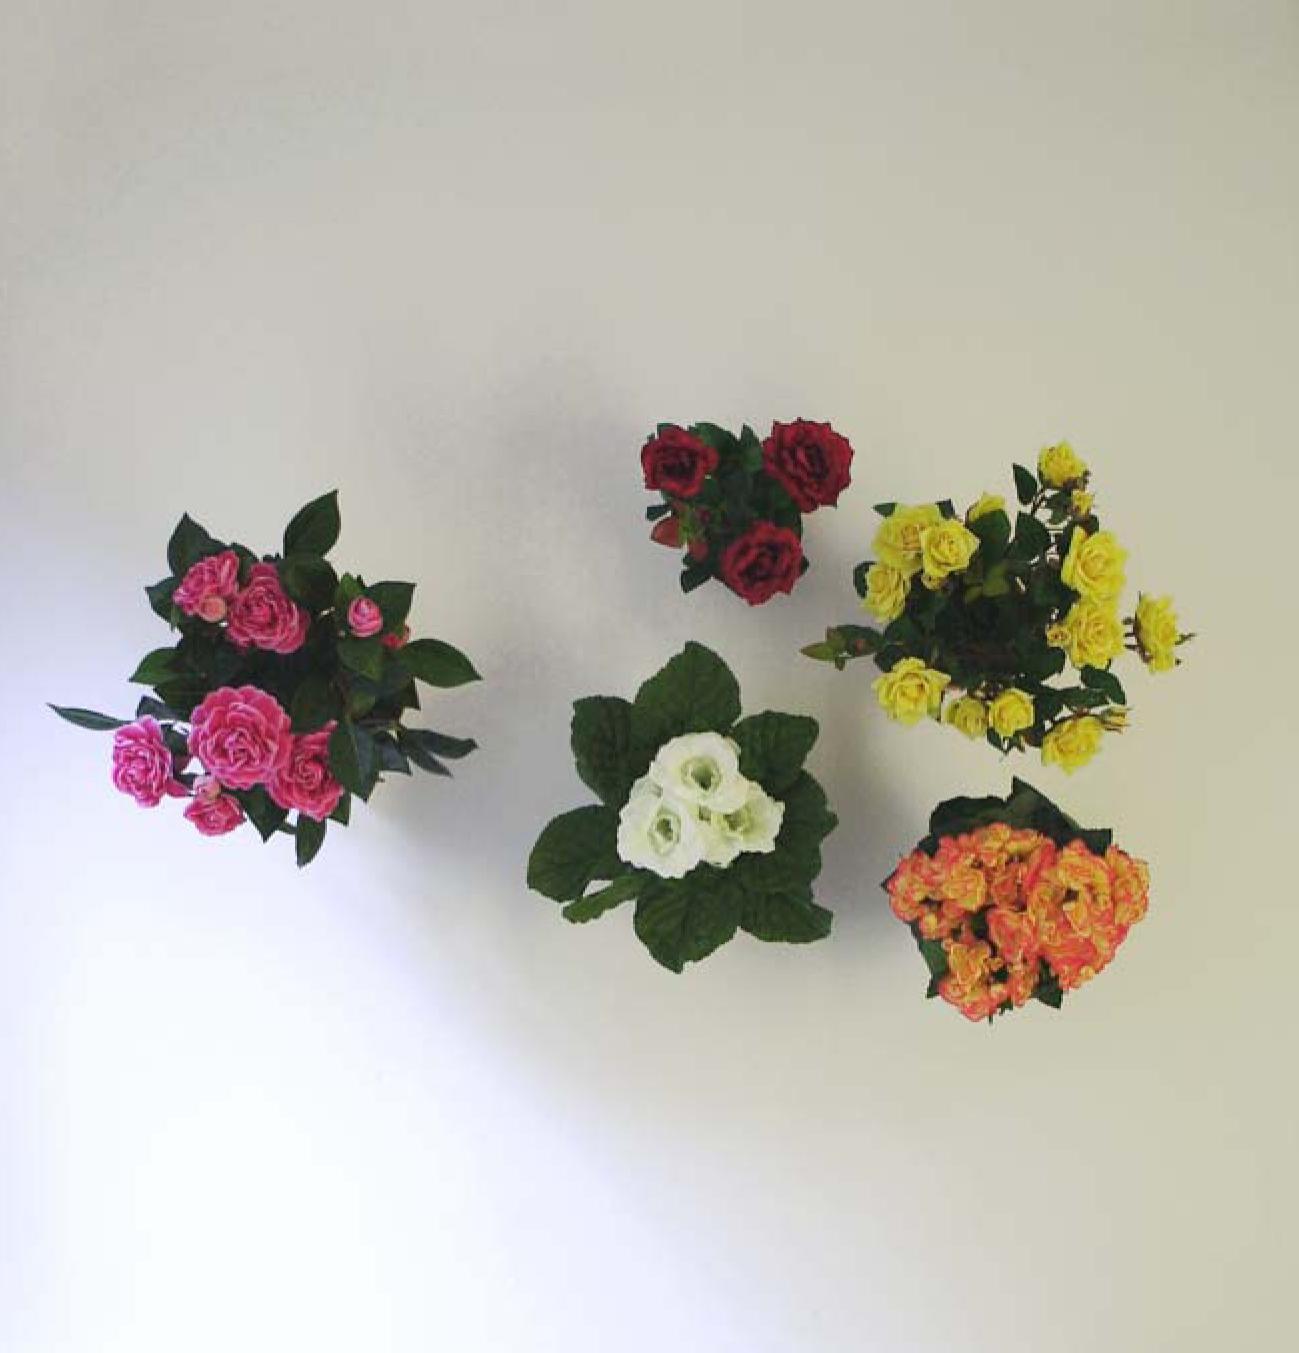 Five Flowerpots, 2008 |  | ProjecteSD